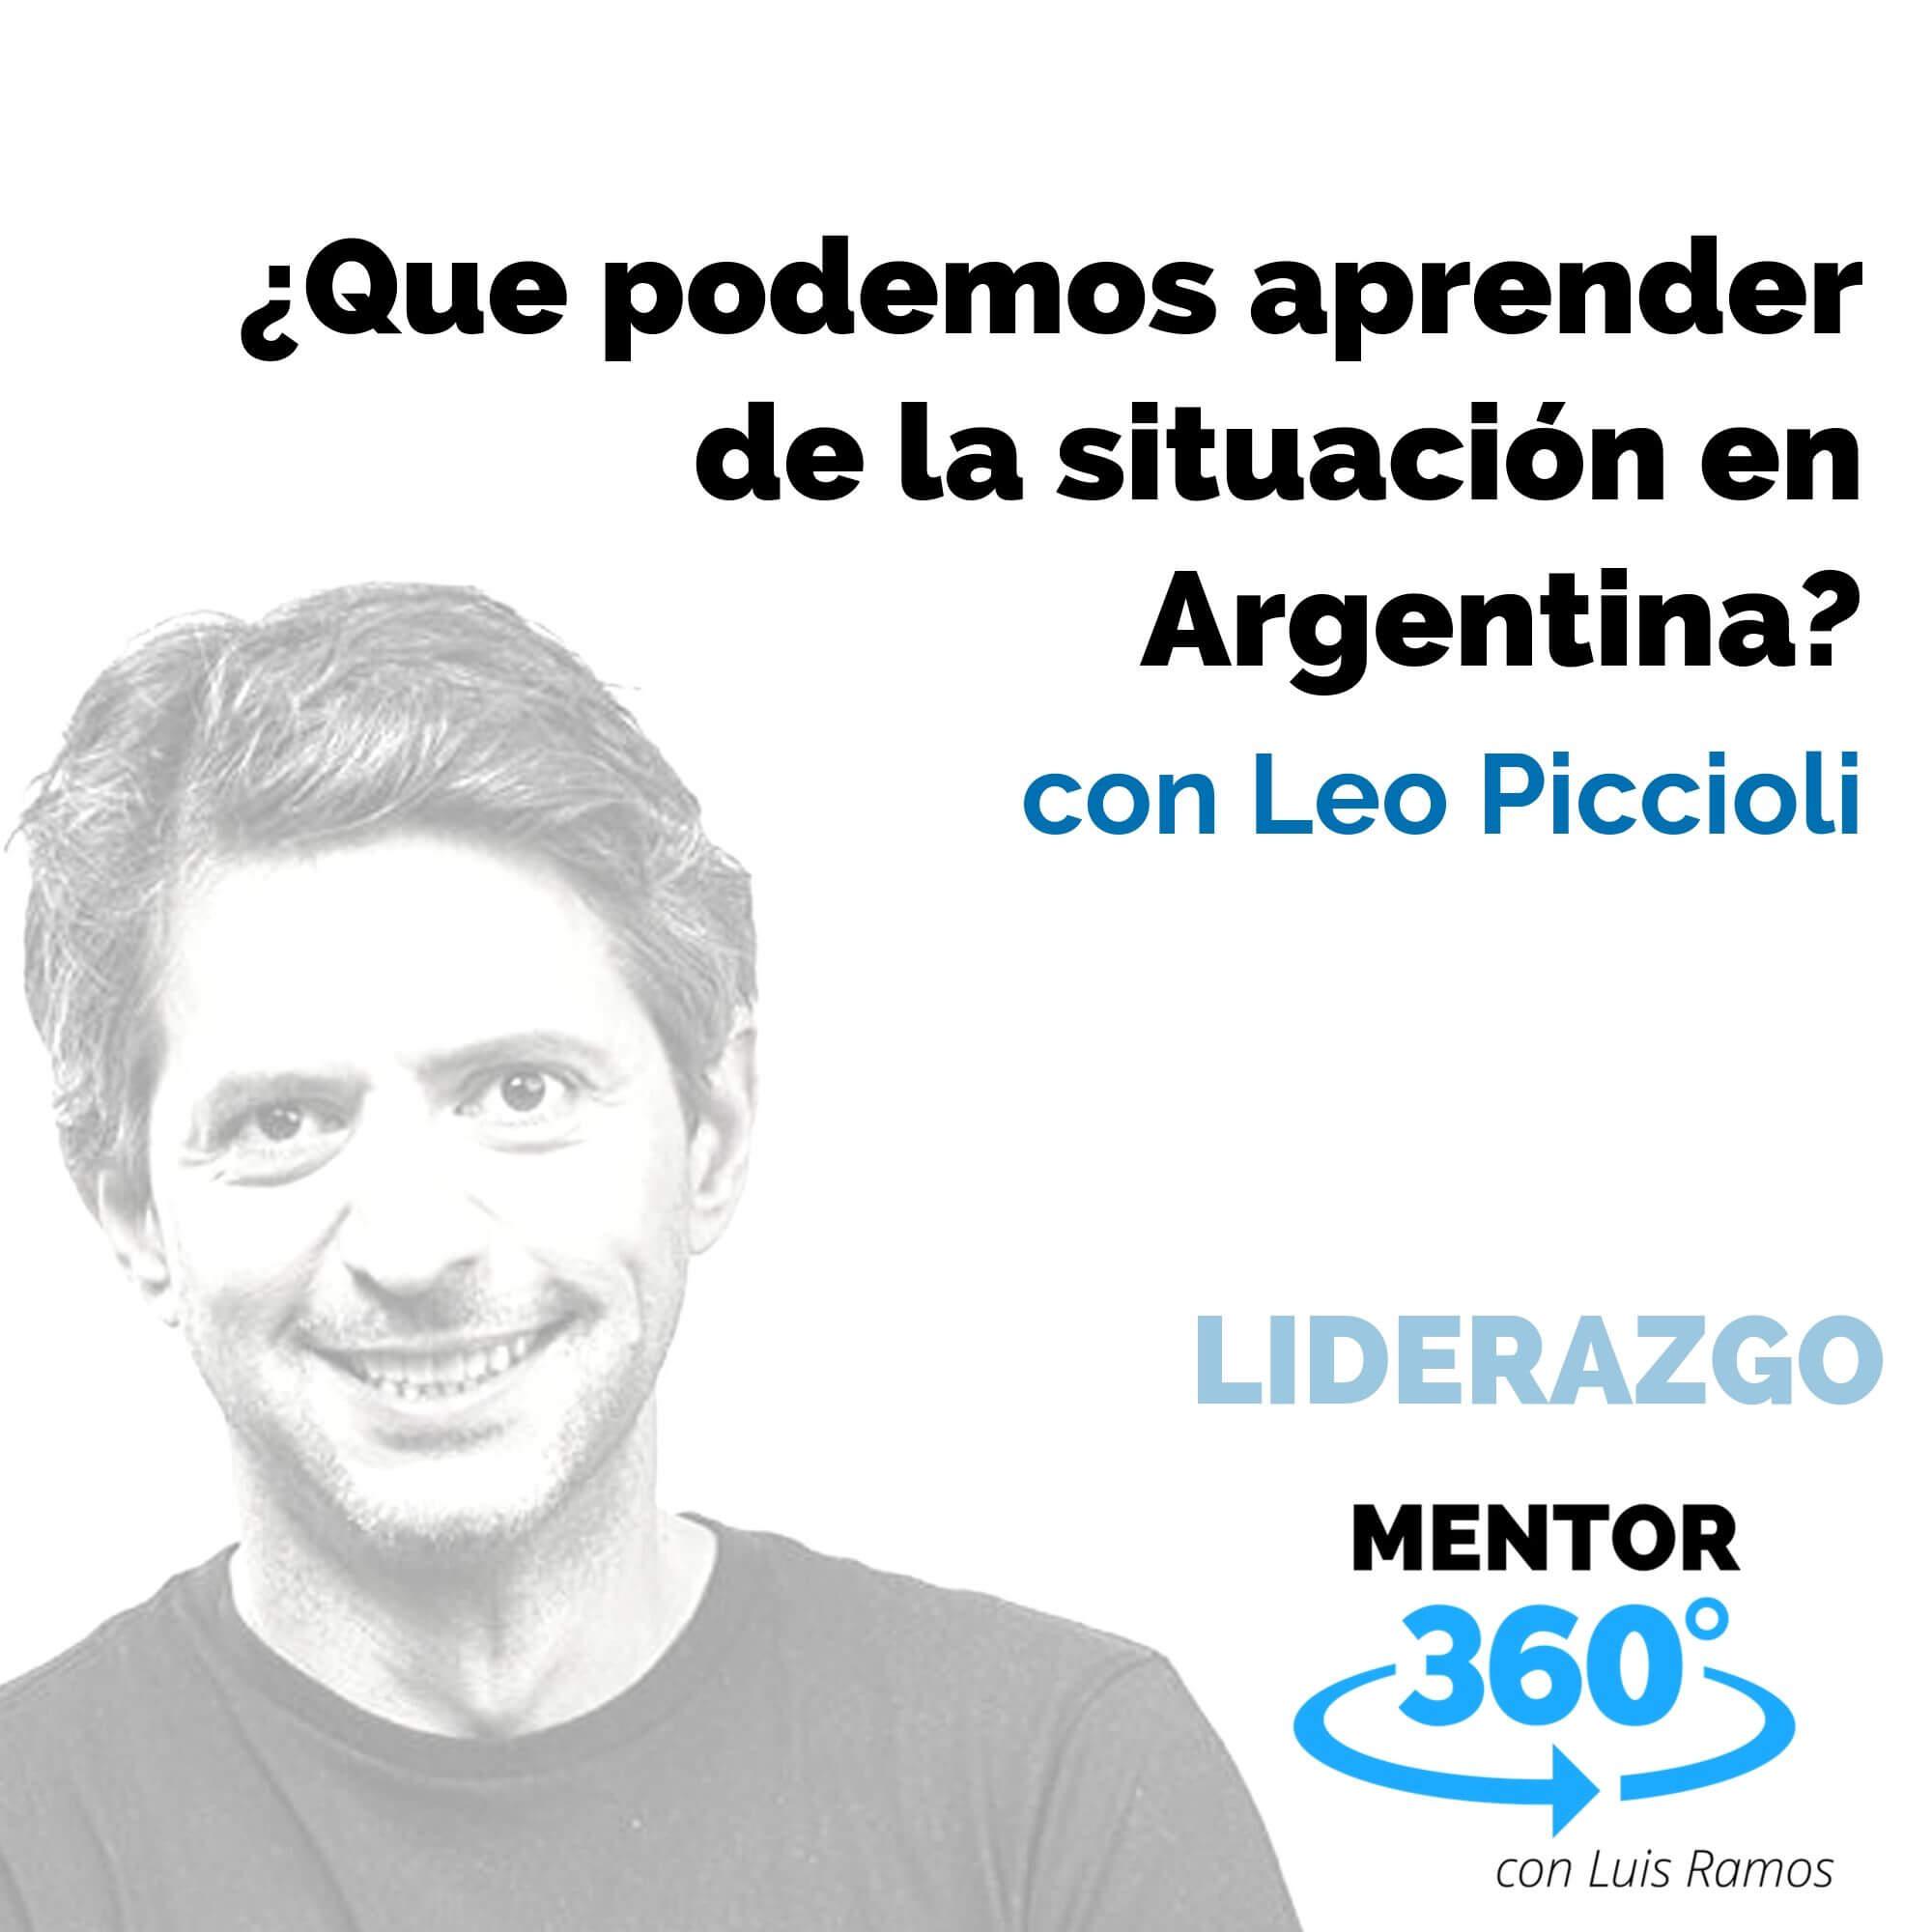 ¿Qué podemos aprender de la situación en Argentina?, con Leo Piccioli - LIDERAZGO